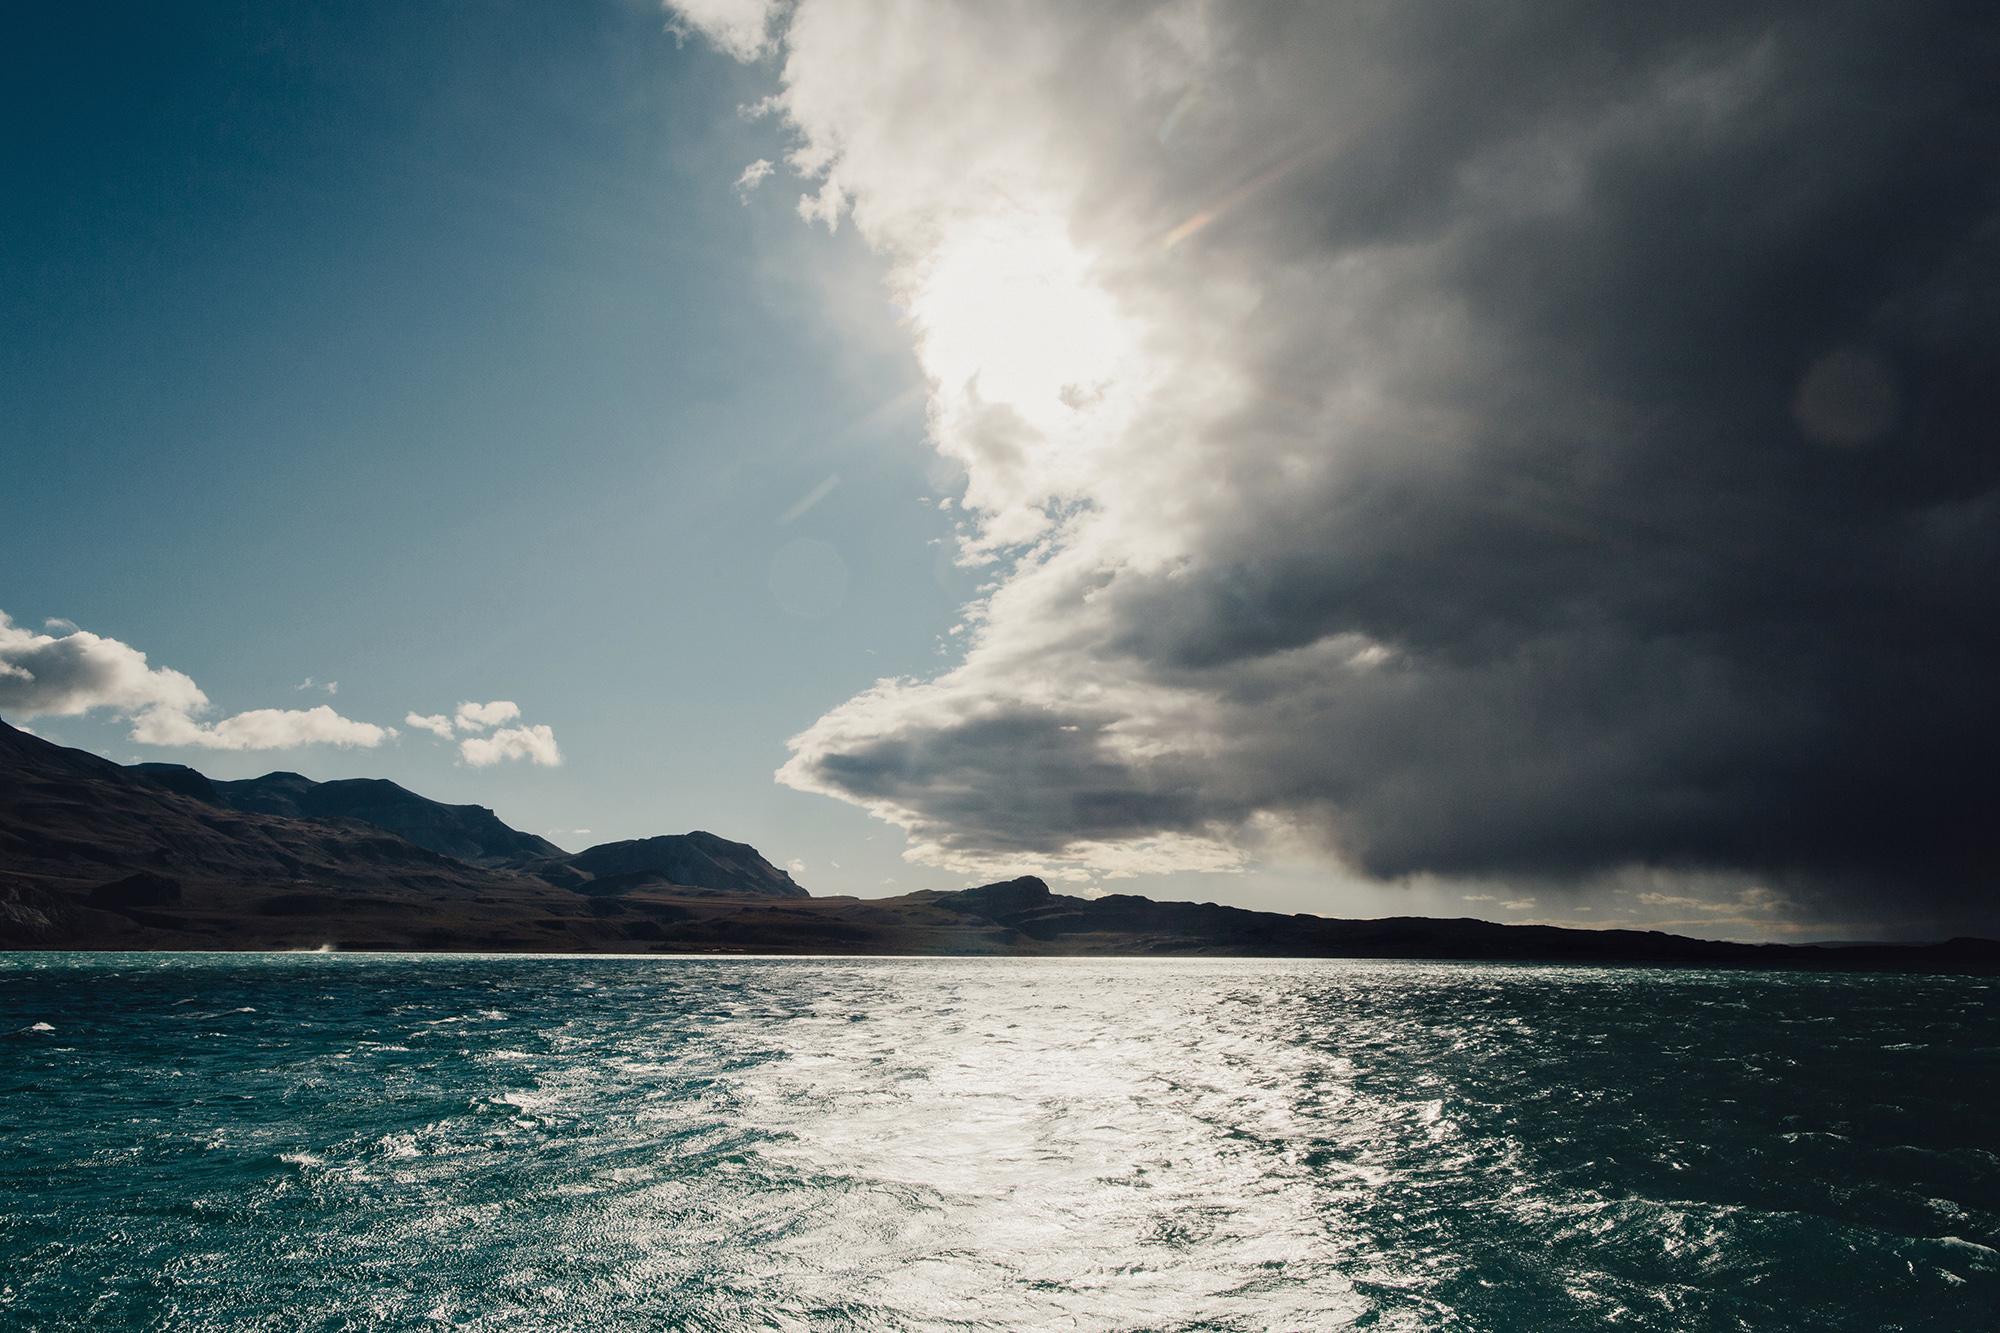 clouds-in-patagonia-0008.JPG